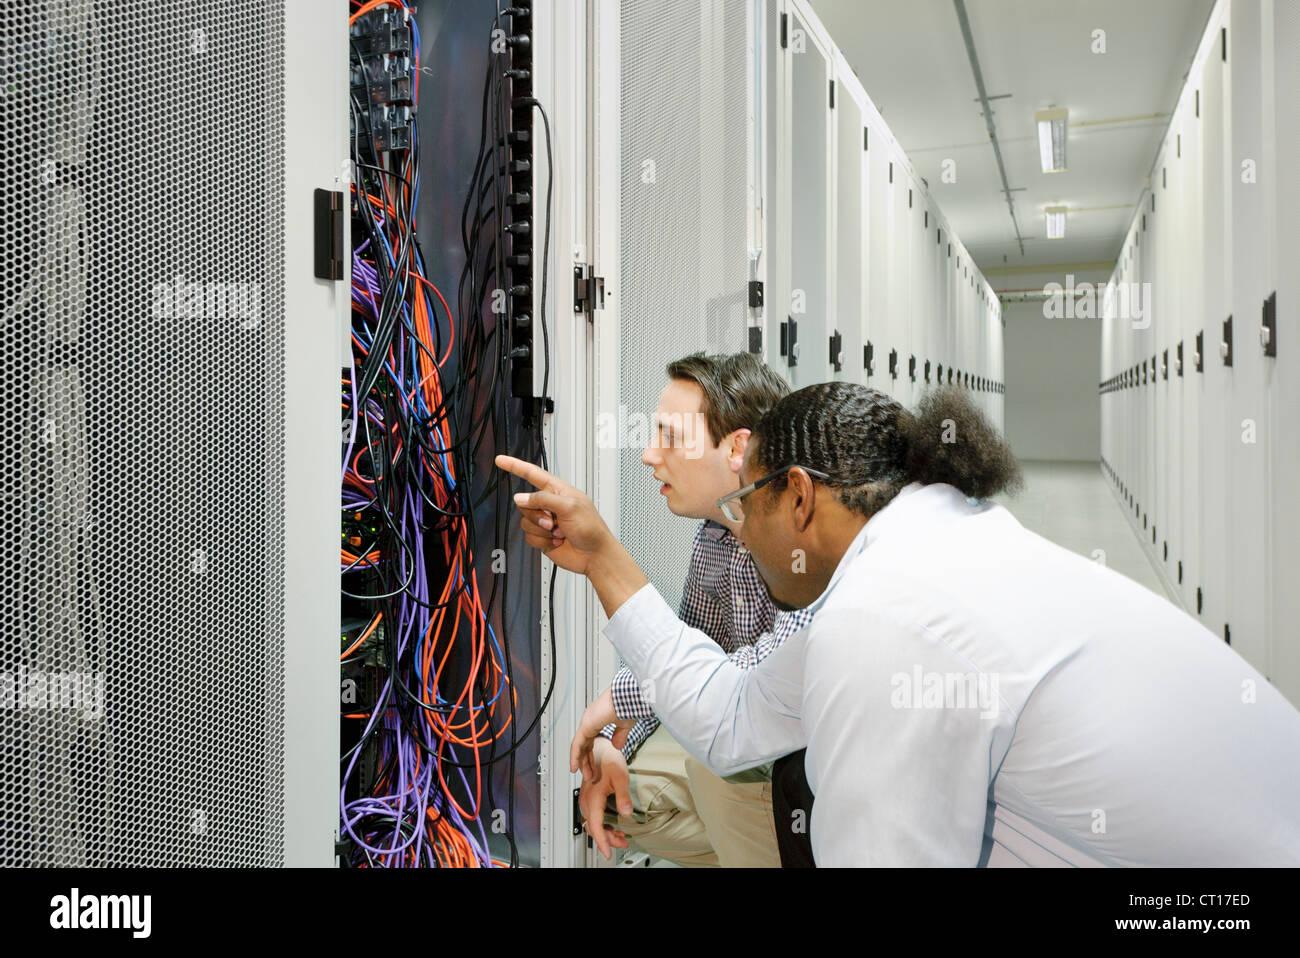 Los empresarios examinar los cables en el servidor Foto de stock